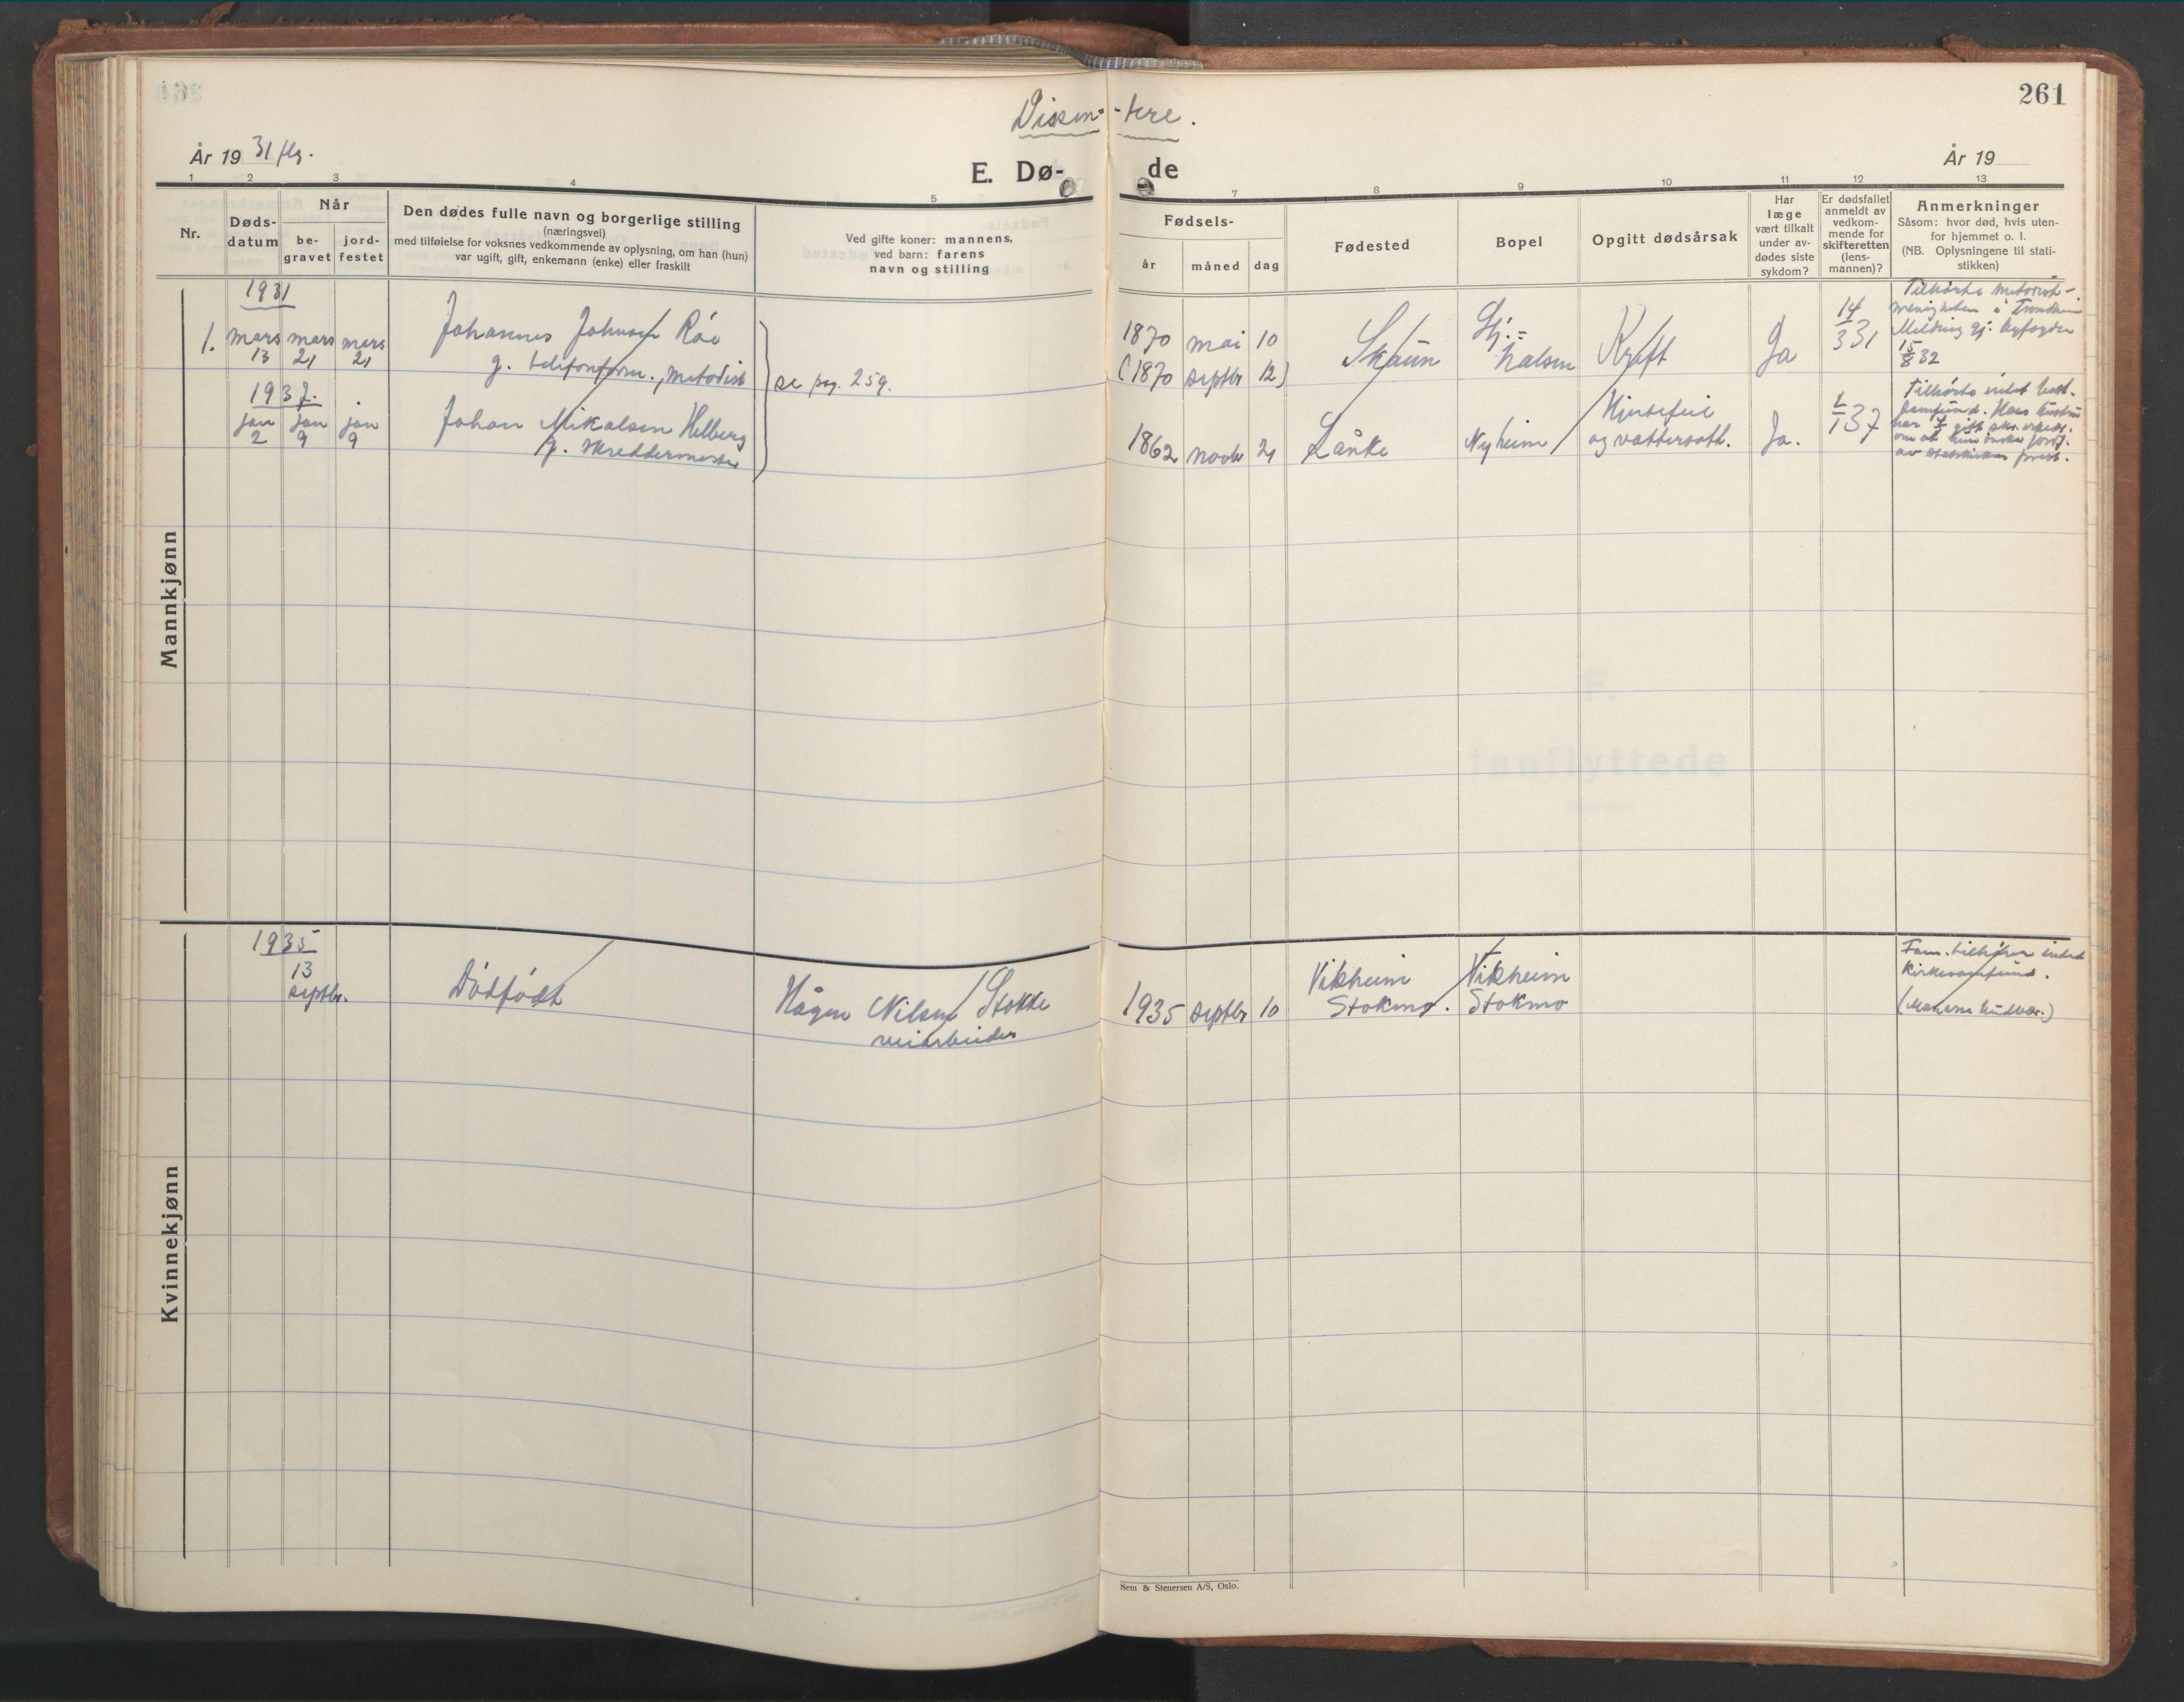 SAT, Ministerialprotokoller, klokkerbøker og fødselsregistre - Nord-Trøndelag, 709/L0089: Klokkerbok nr. 709C03, 1935-1948, s. 261